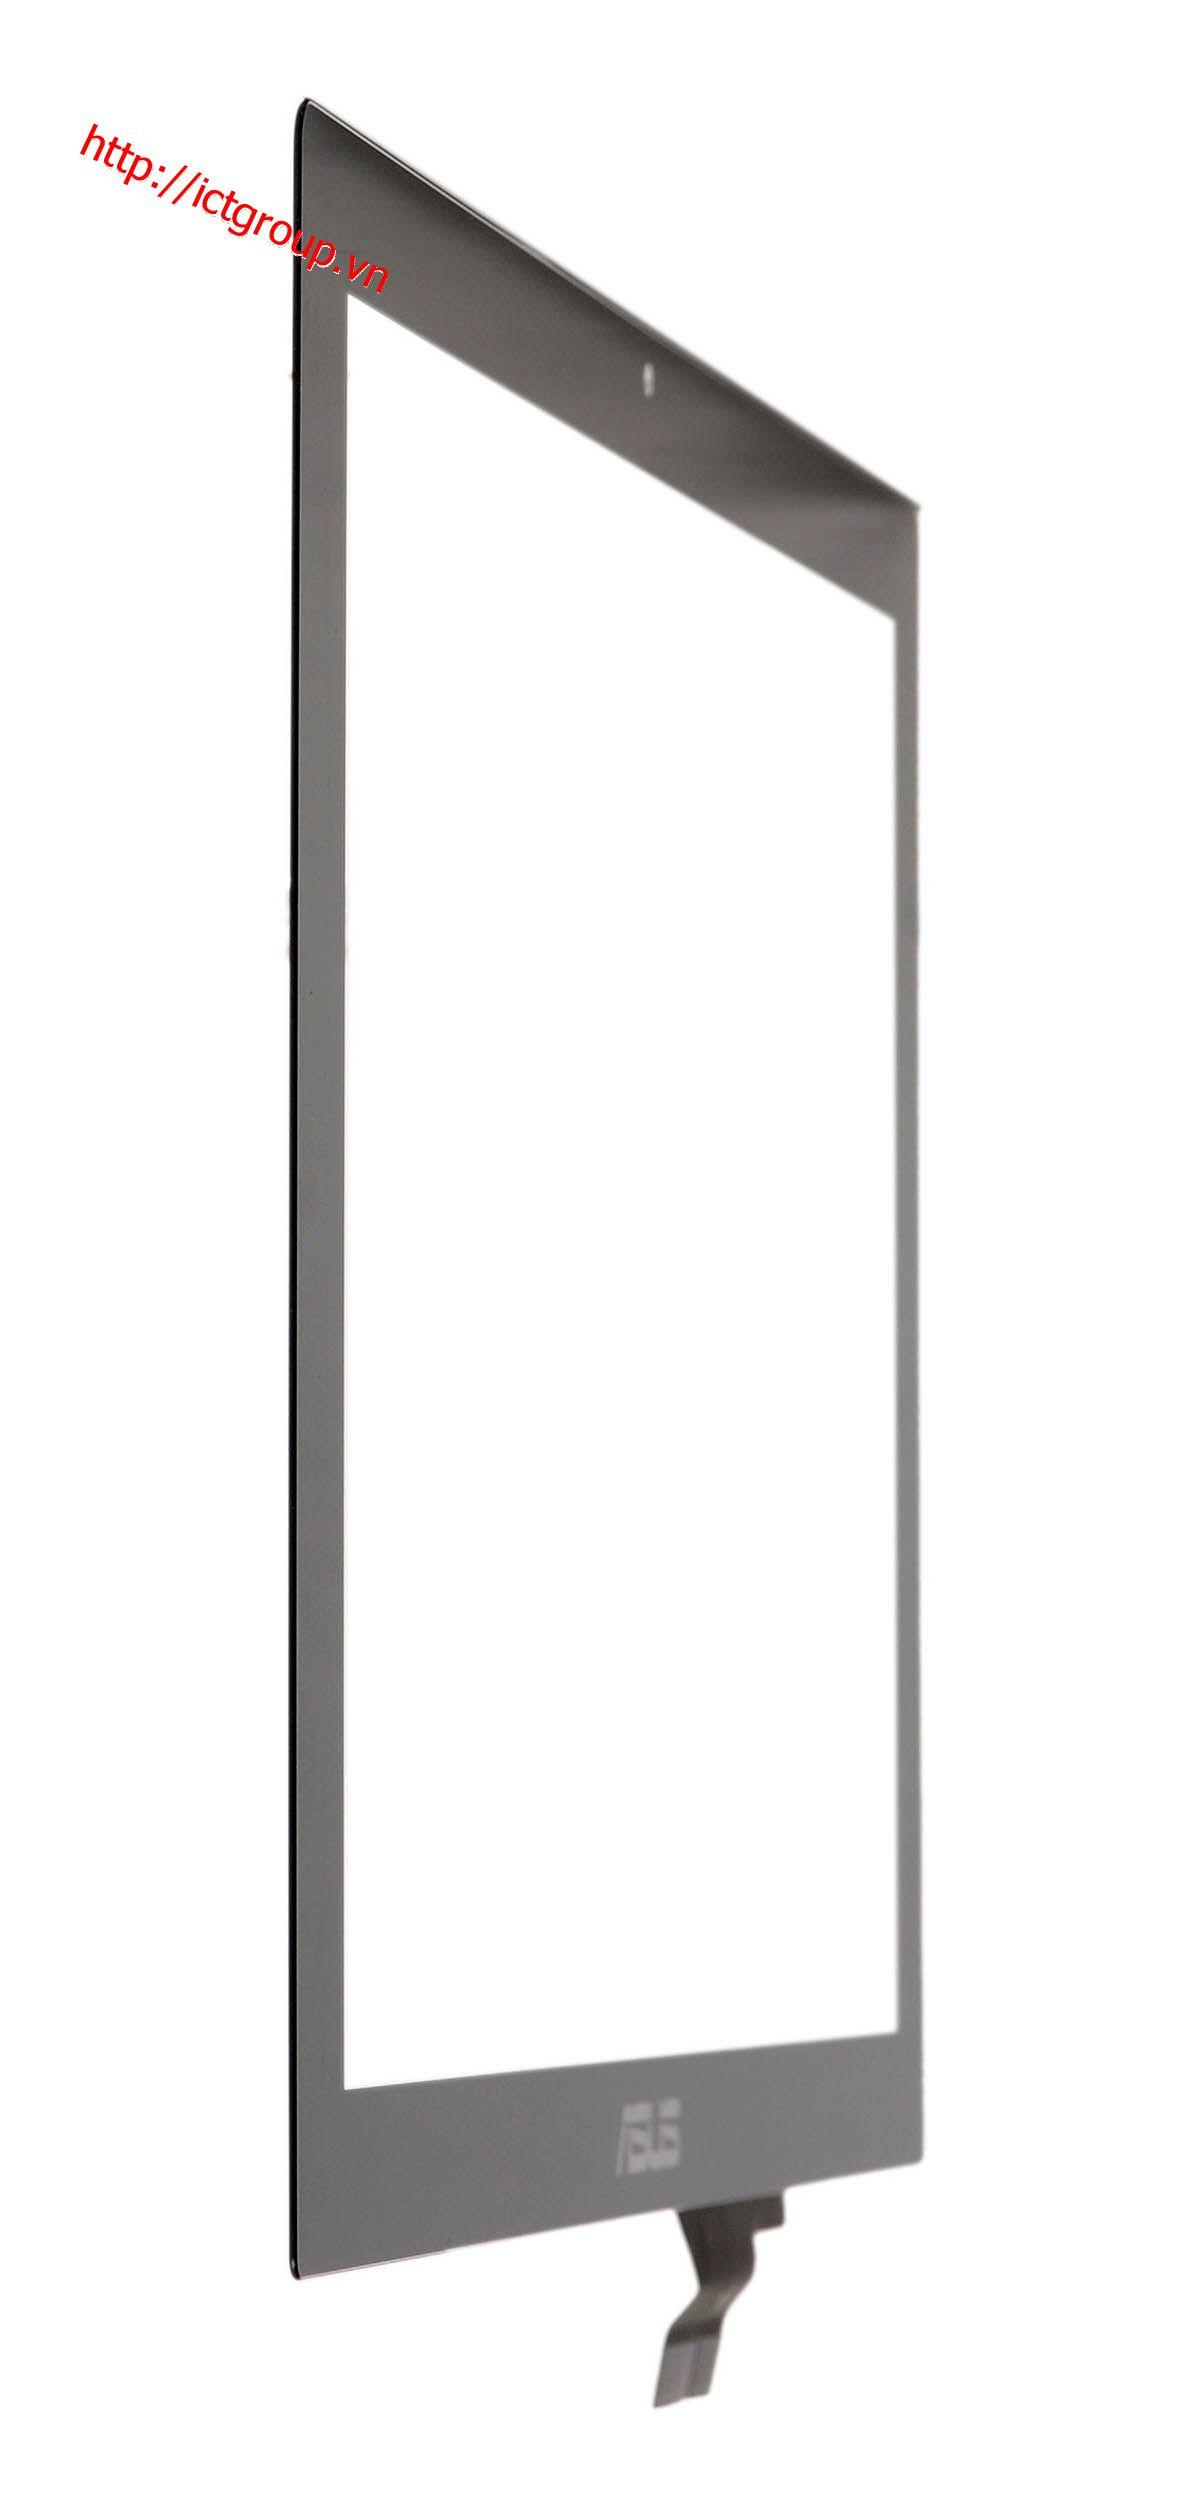 Màn hình cảm ứng Asus S200 F200 LCD touch screen